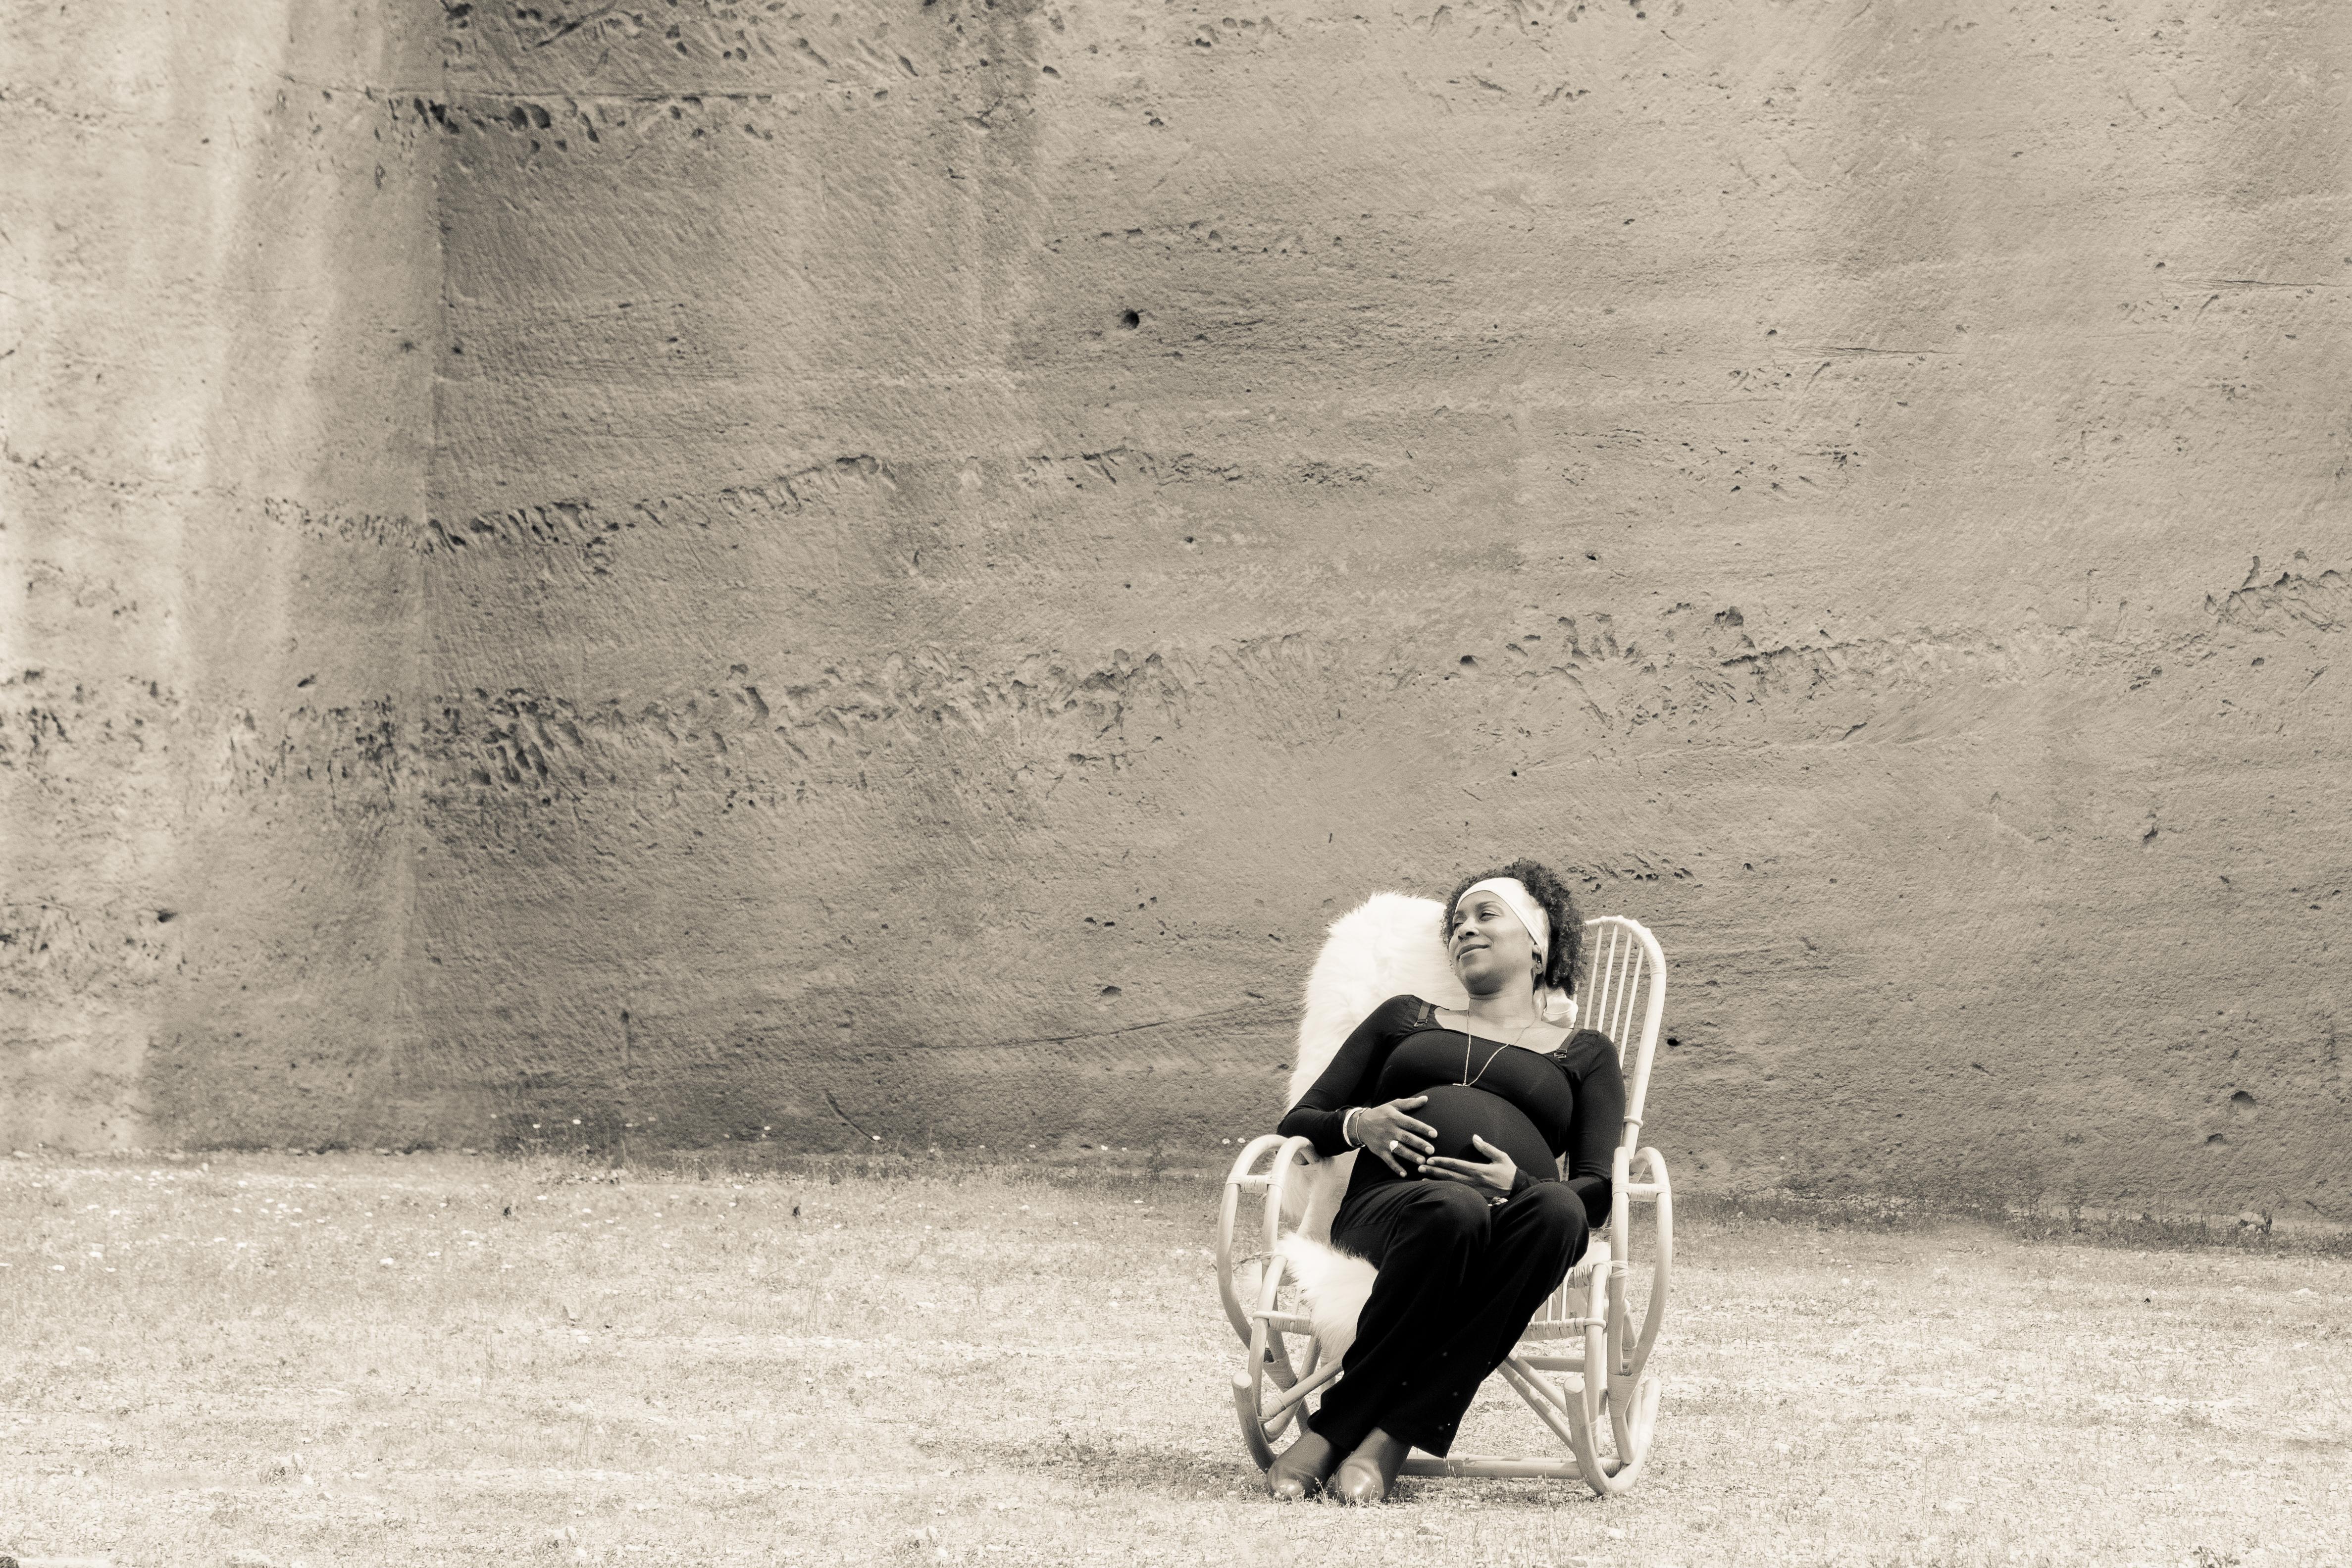 Caroline - photo femme enceinte - photographe grossesse Venelle - Lifestyle - photographe Aix en Provence grossesse - Séance photo extérieur - séance photo couple - prise de vue maternité - photographie artistique grossesse - maternity session - pregnancy shoot - shooting south to France